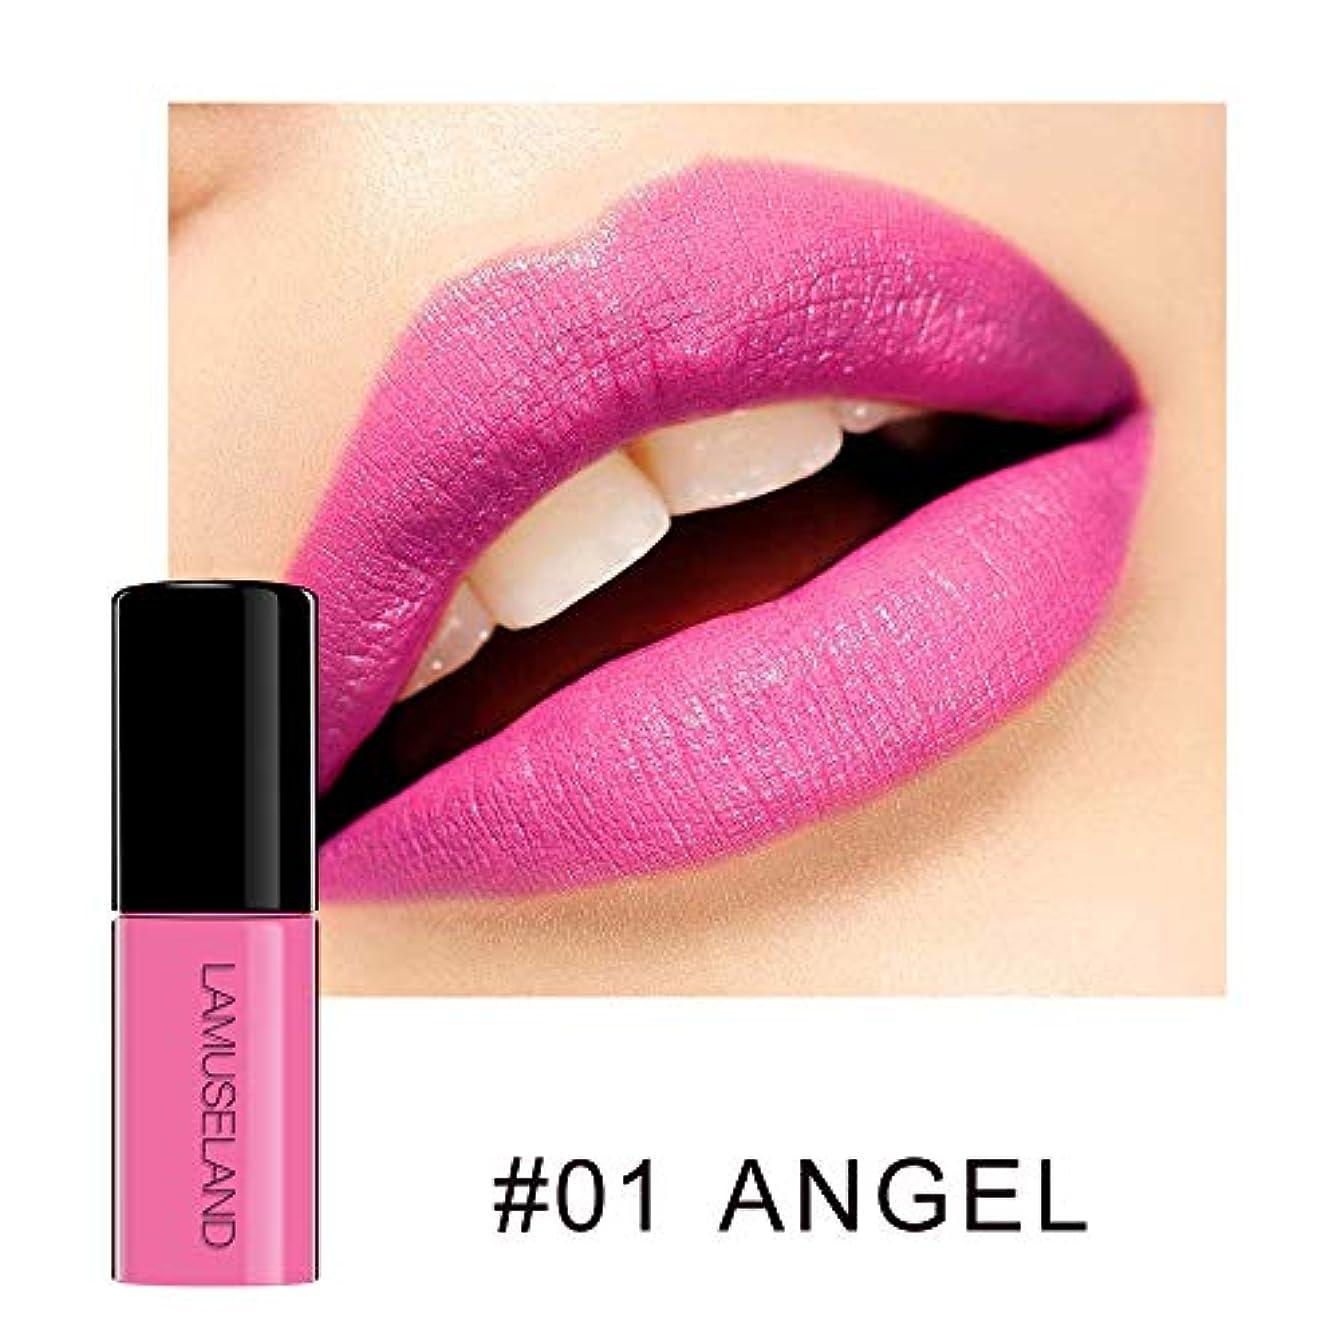 オーナー戦い司書MeterMall 防水長続きがする無光沢の液体の口紅の裸の唇の光沢のビロードの唇の色合いの構造 #01 ANGEL 3.5g